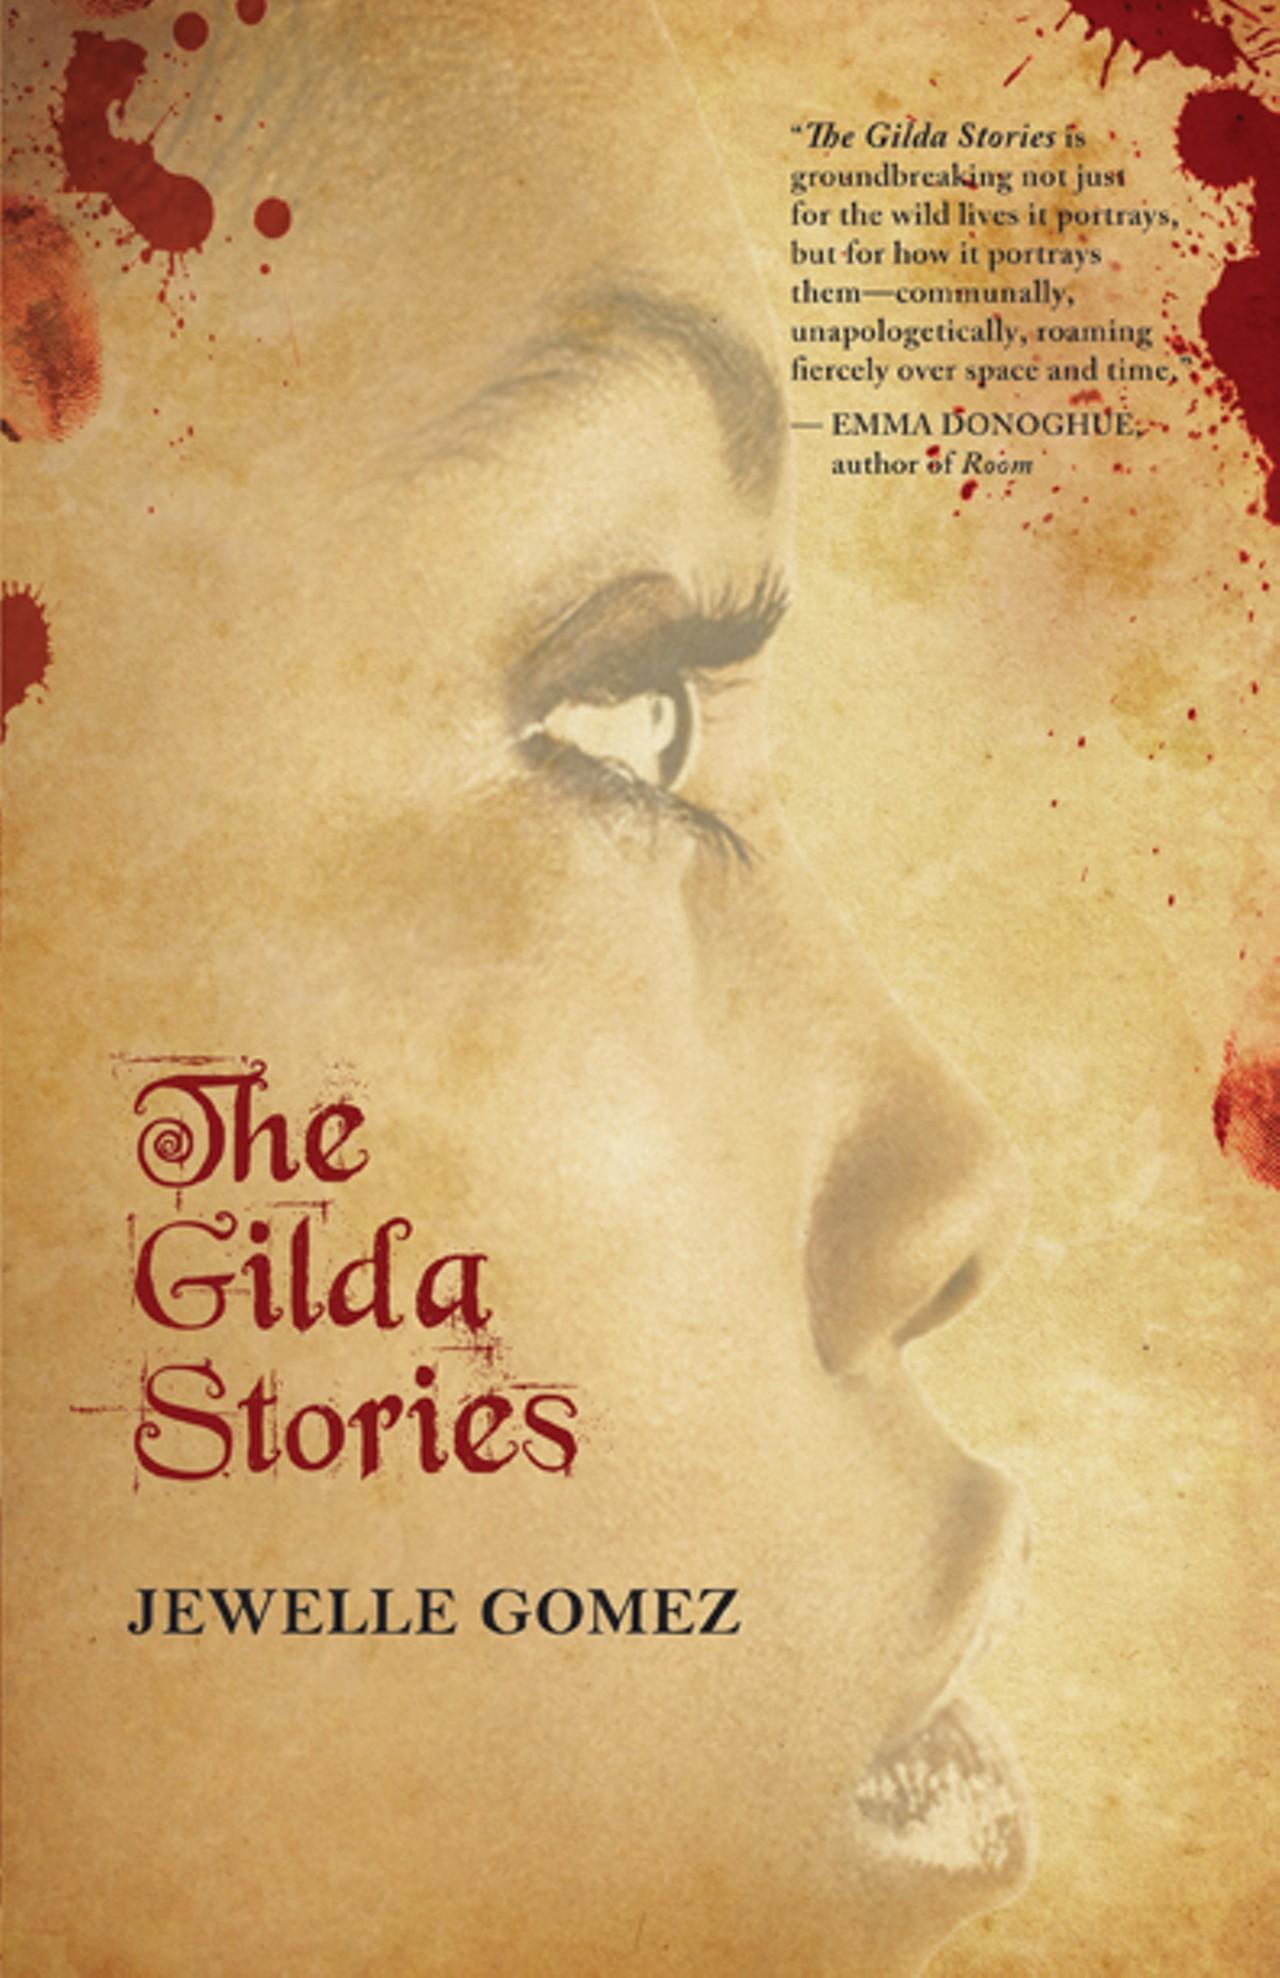 Jewelle Gomez